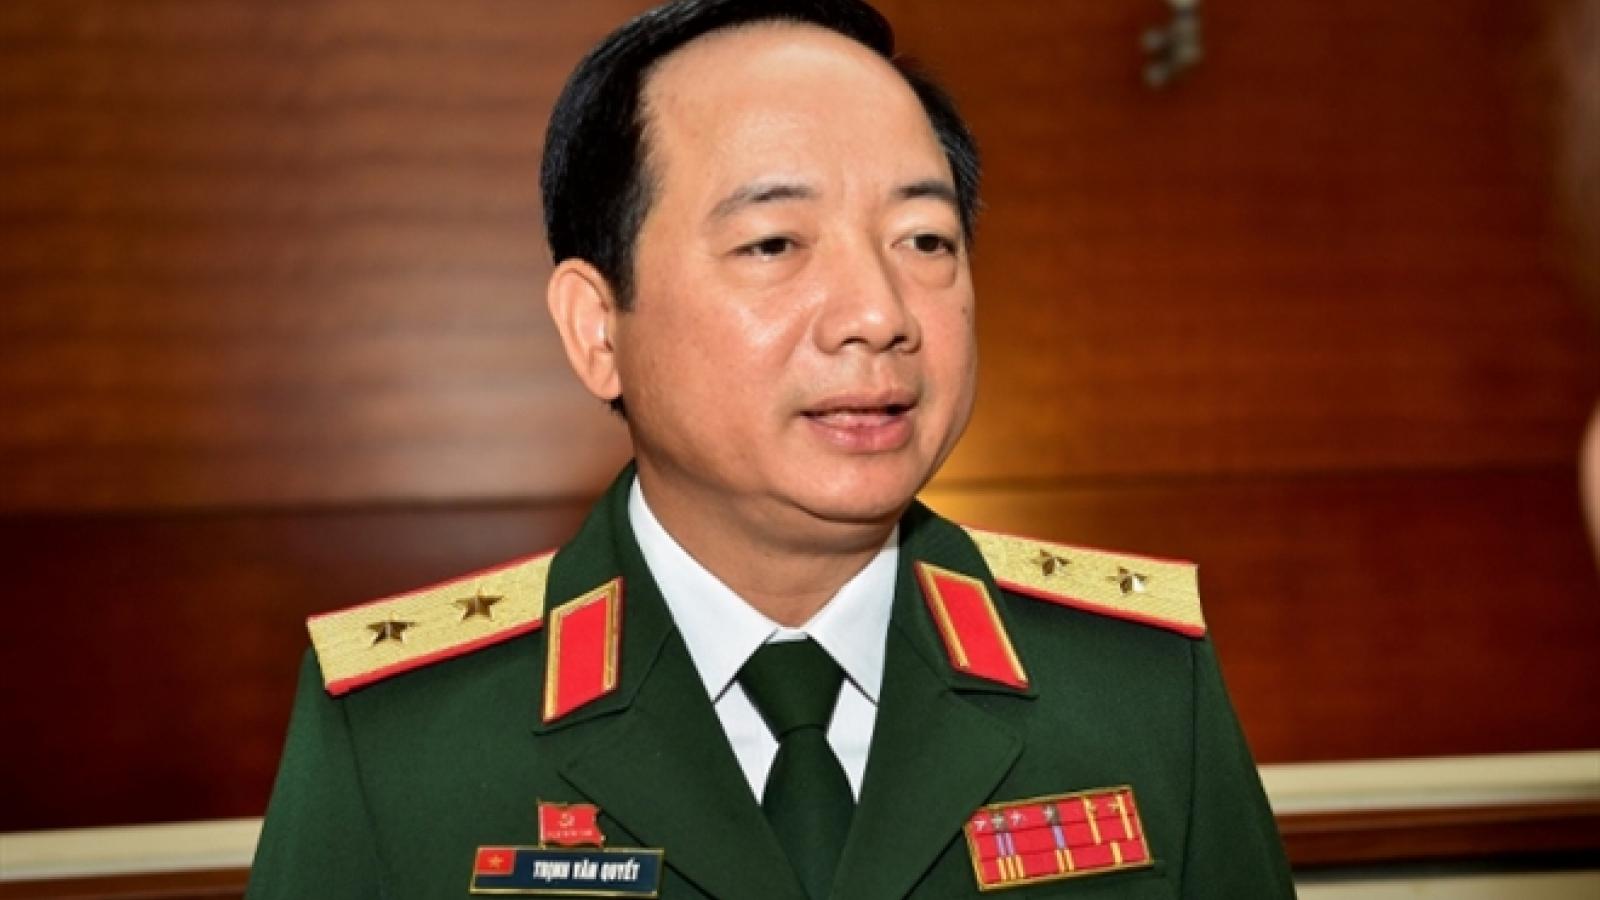 Trung tướng Trịnh Văn Quyết giữ chức Phó Chủ nhiệm Tổng cục Chính trị